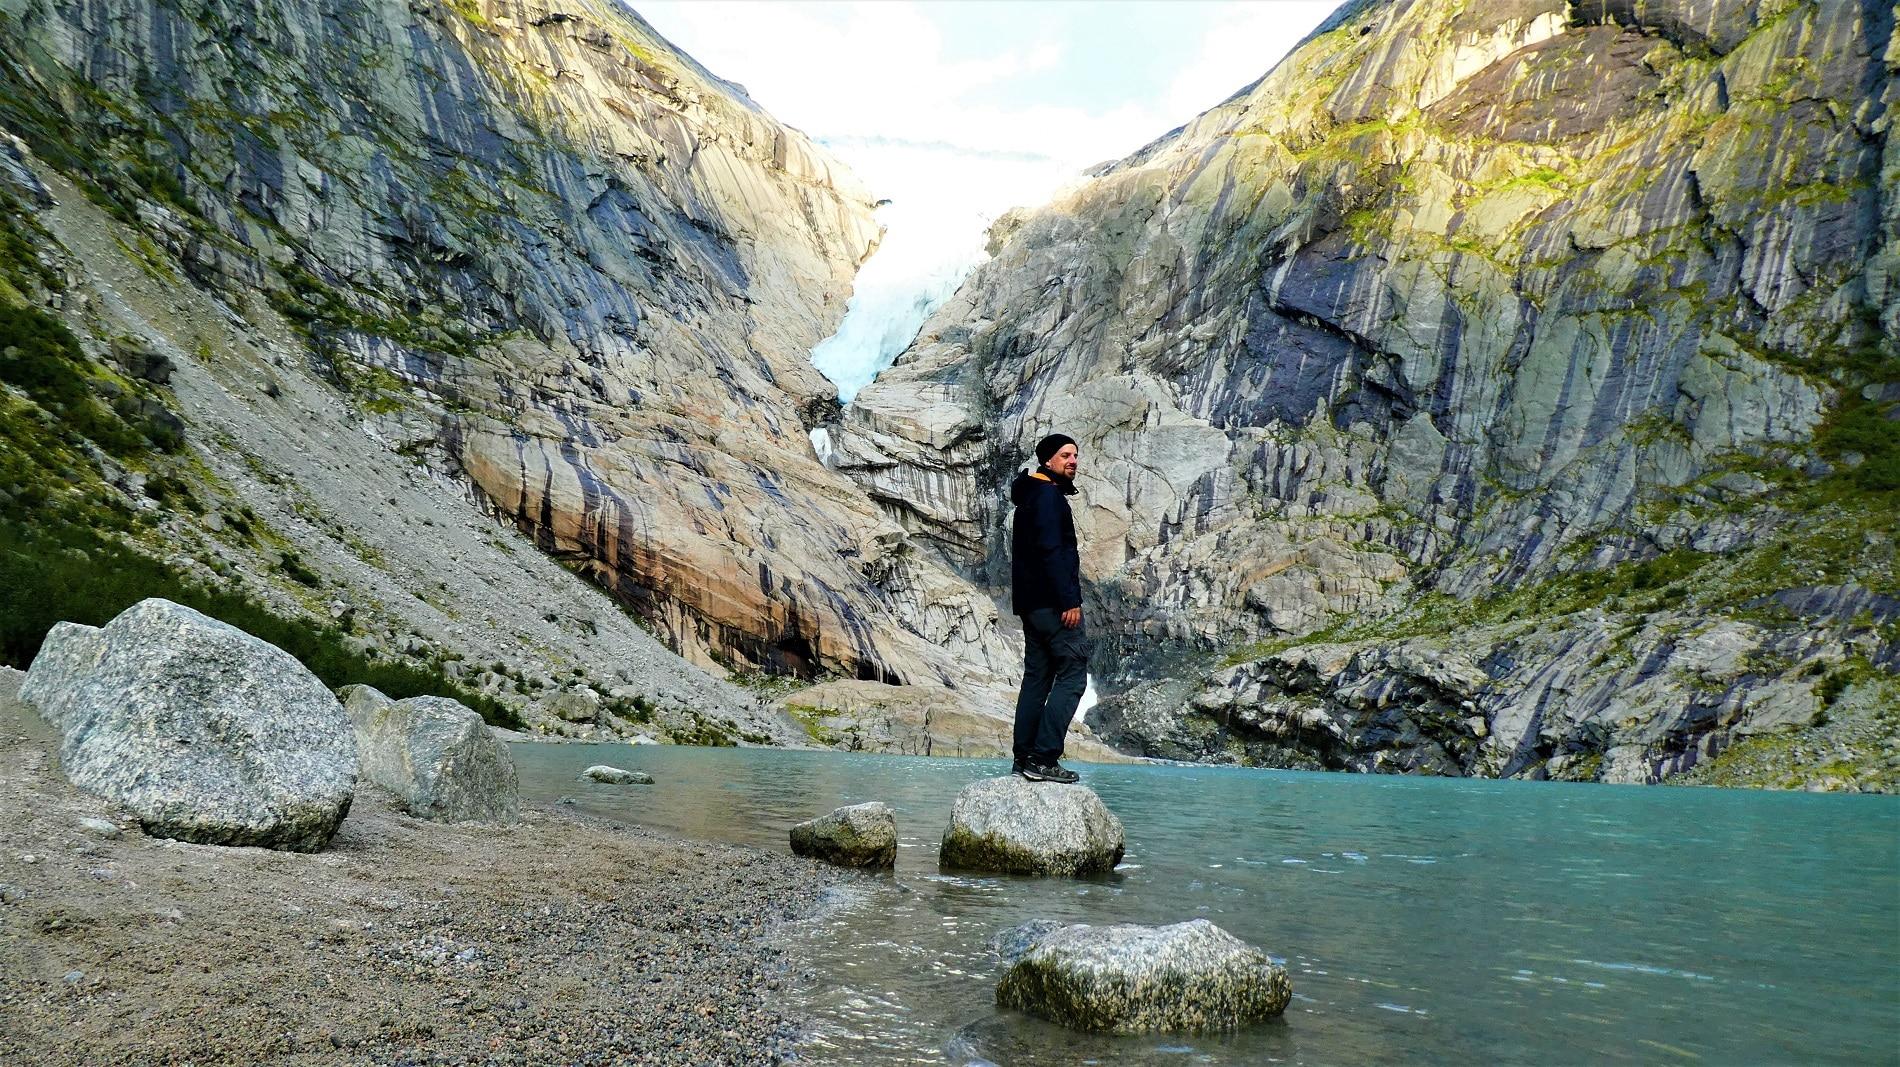 Der Briksdalsbre in Norwegen ist ein westlicher Nebenarm des größten Festlandsgletschers in Europa